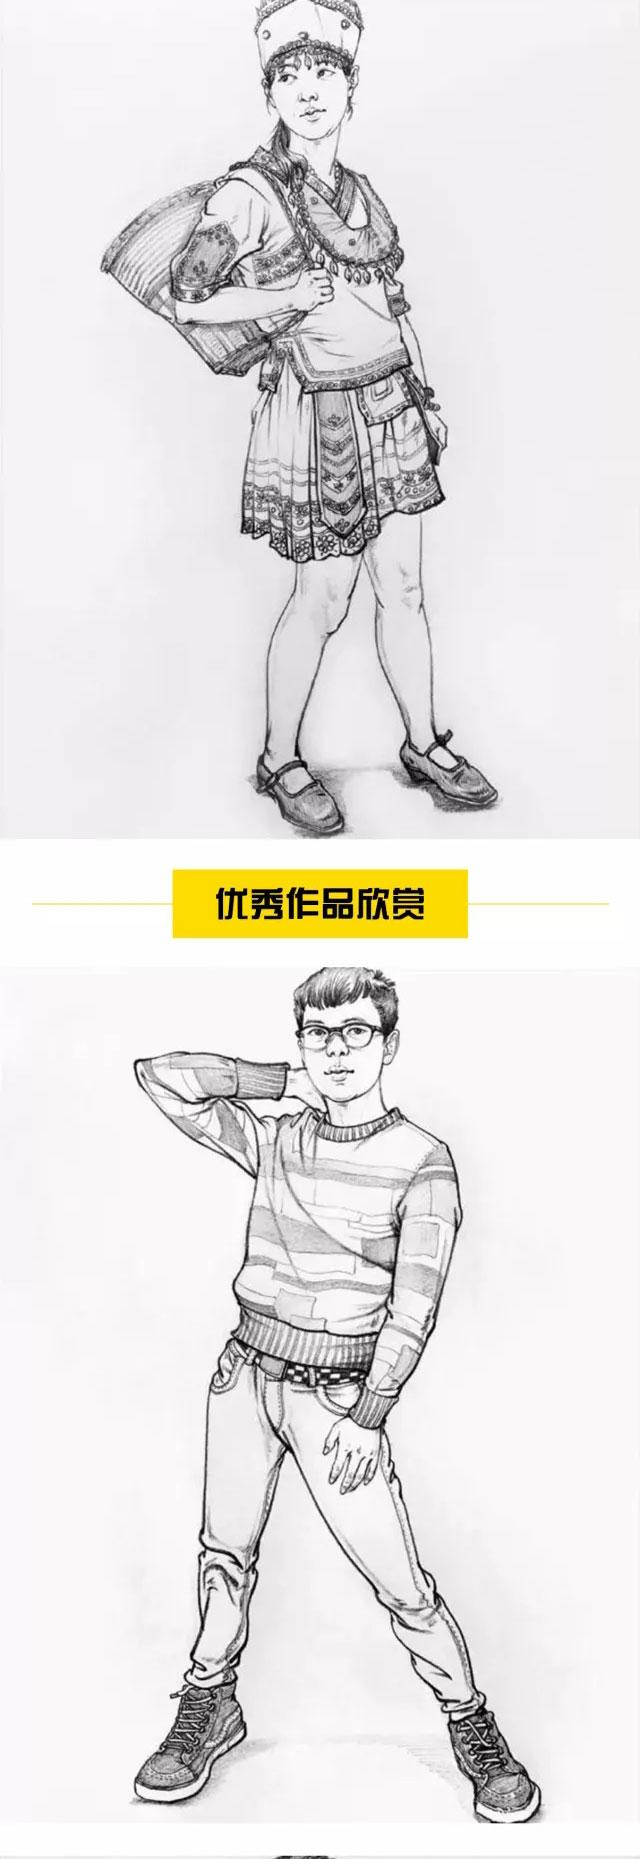 人物速写:怎样画好线性速写?(下)_02.jpg